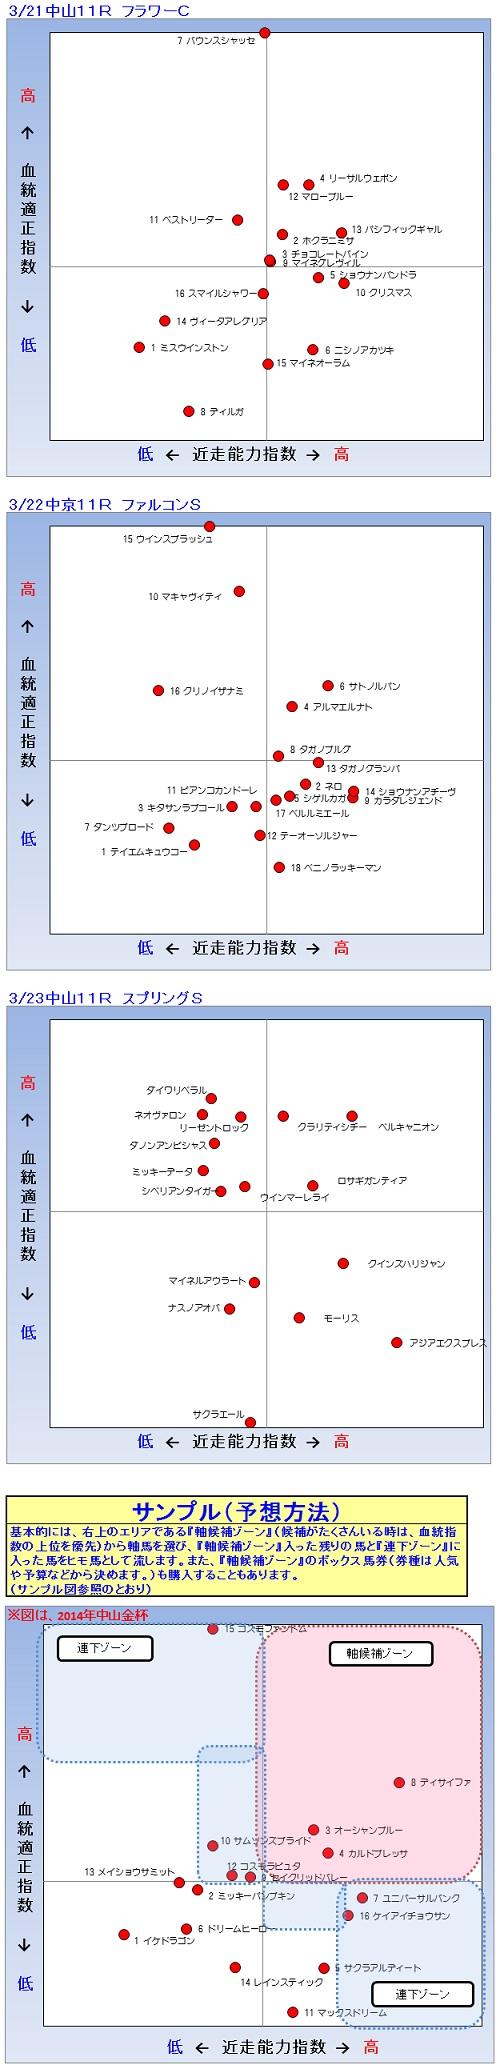 2013-03-21-24予想